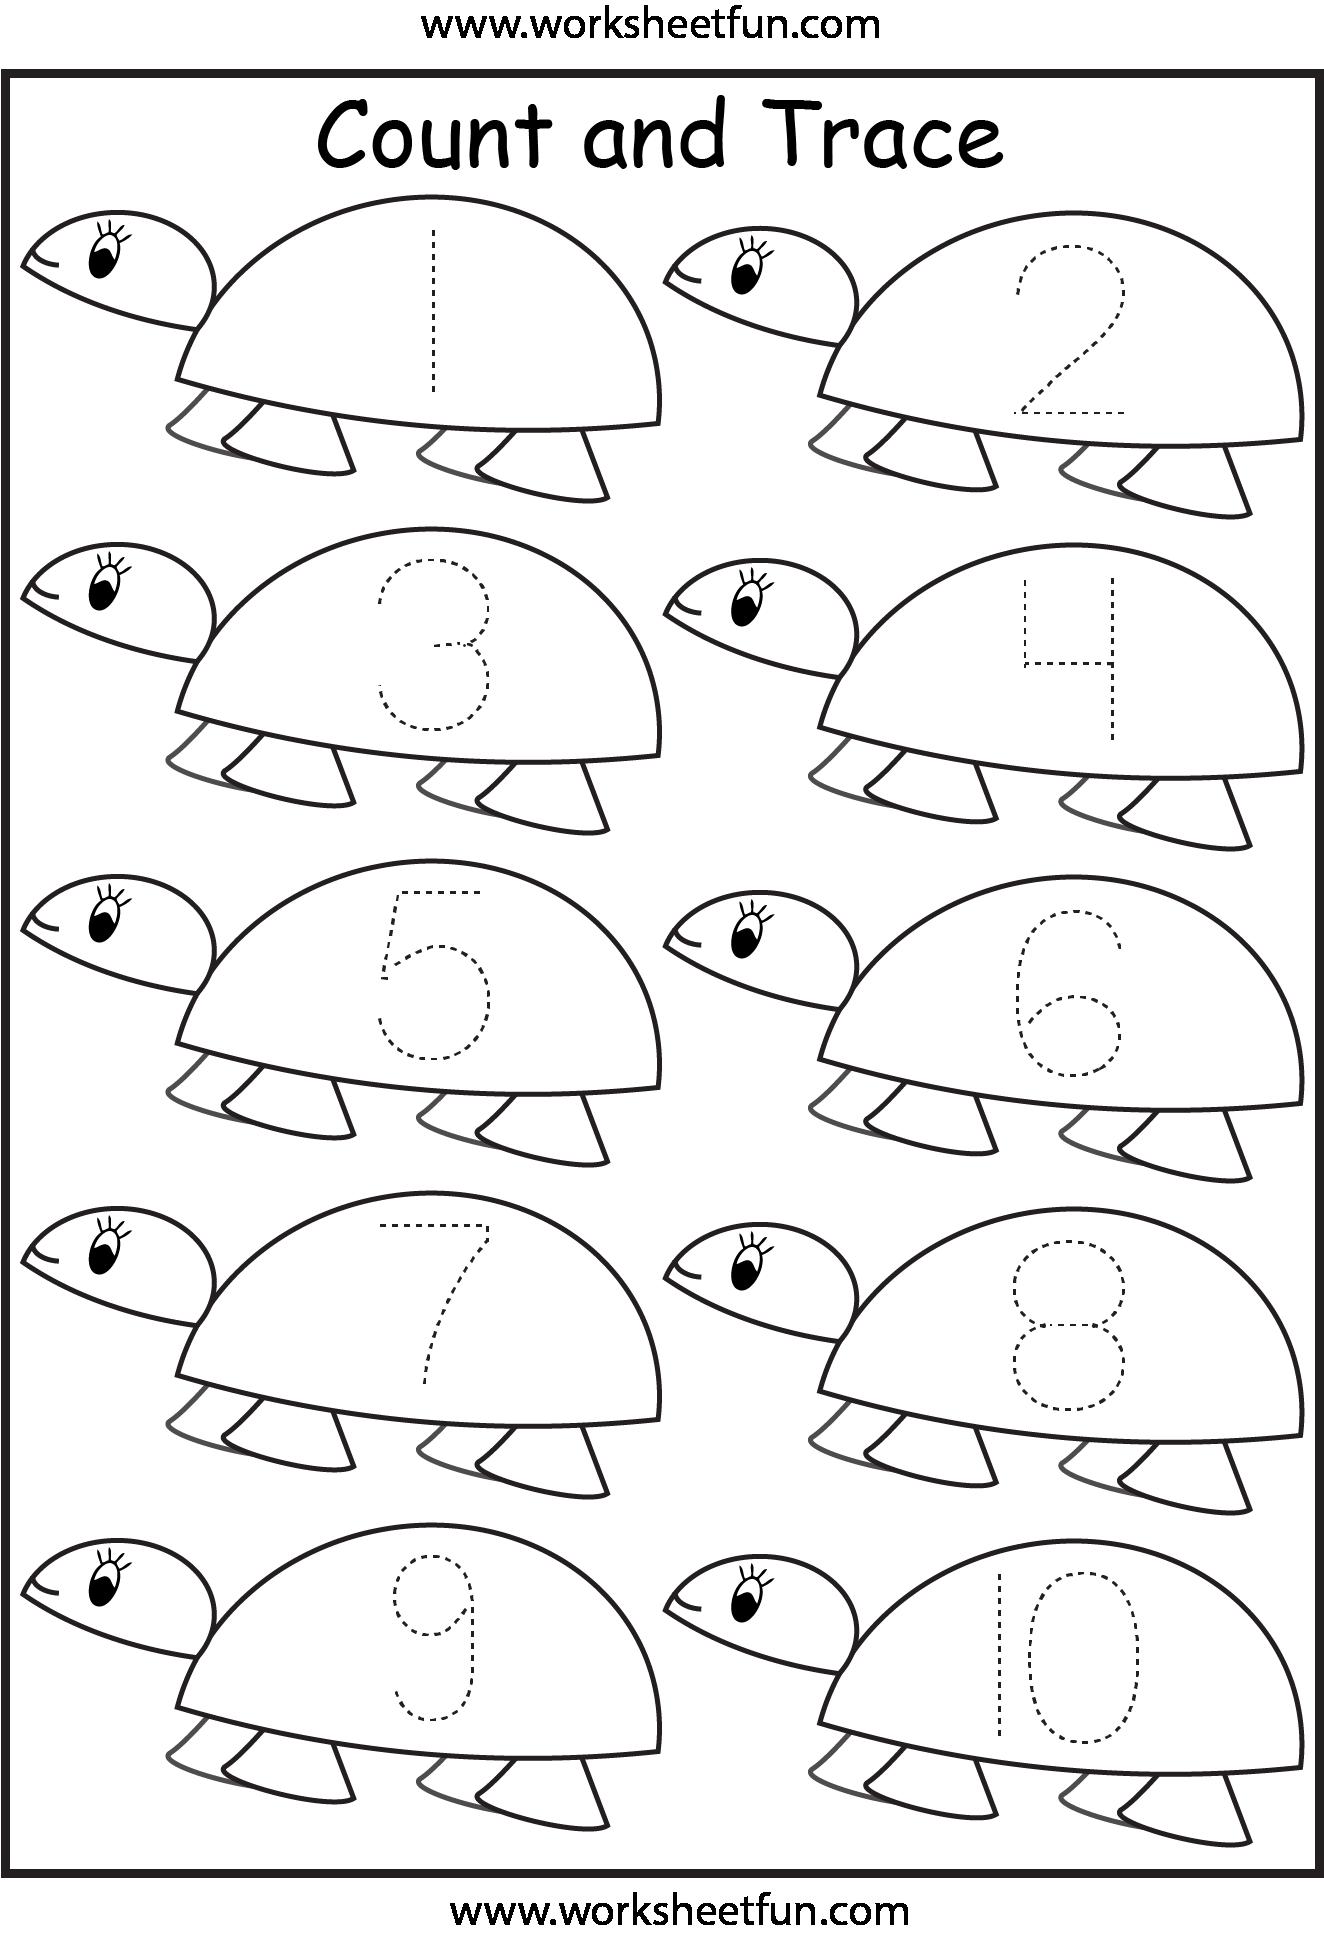 5 Best Images of Printable Number Worksheets For Kindergarten ...